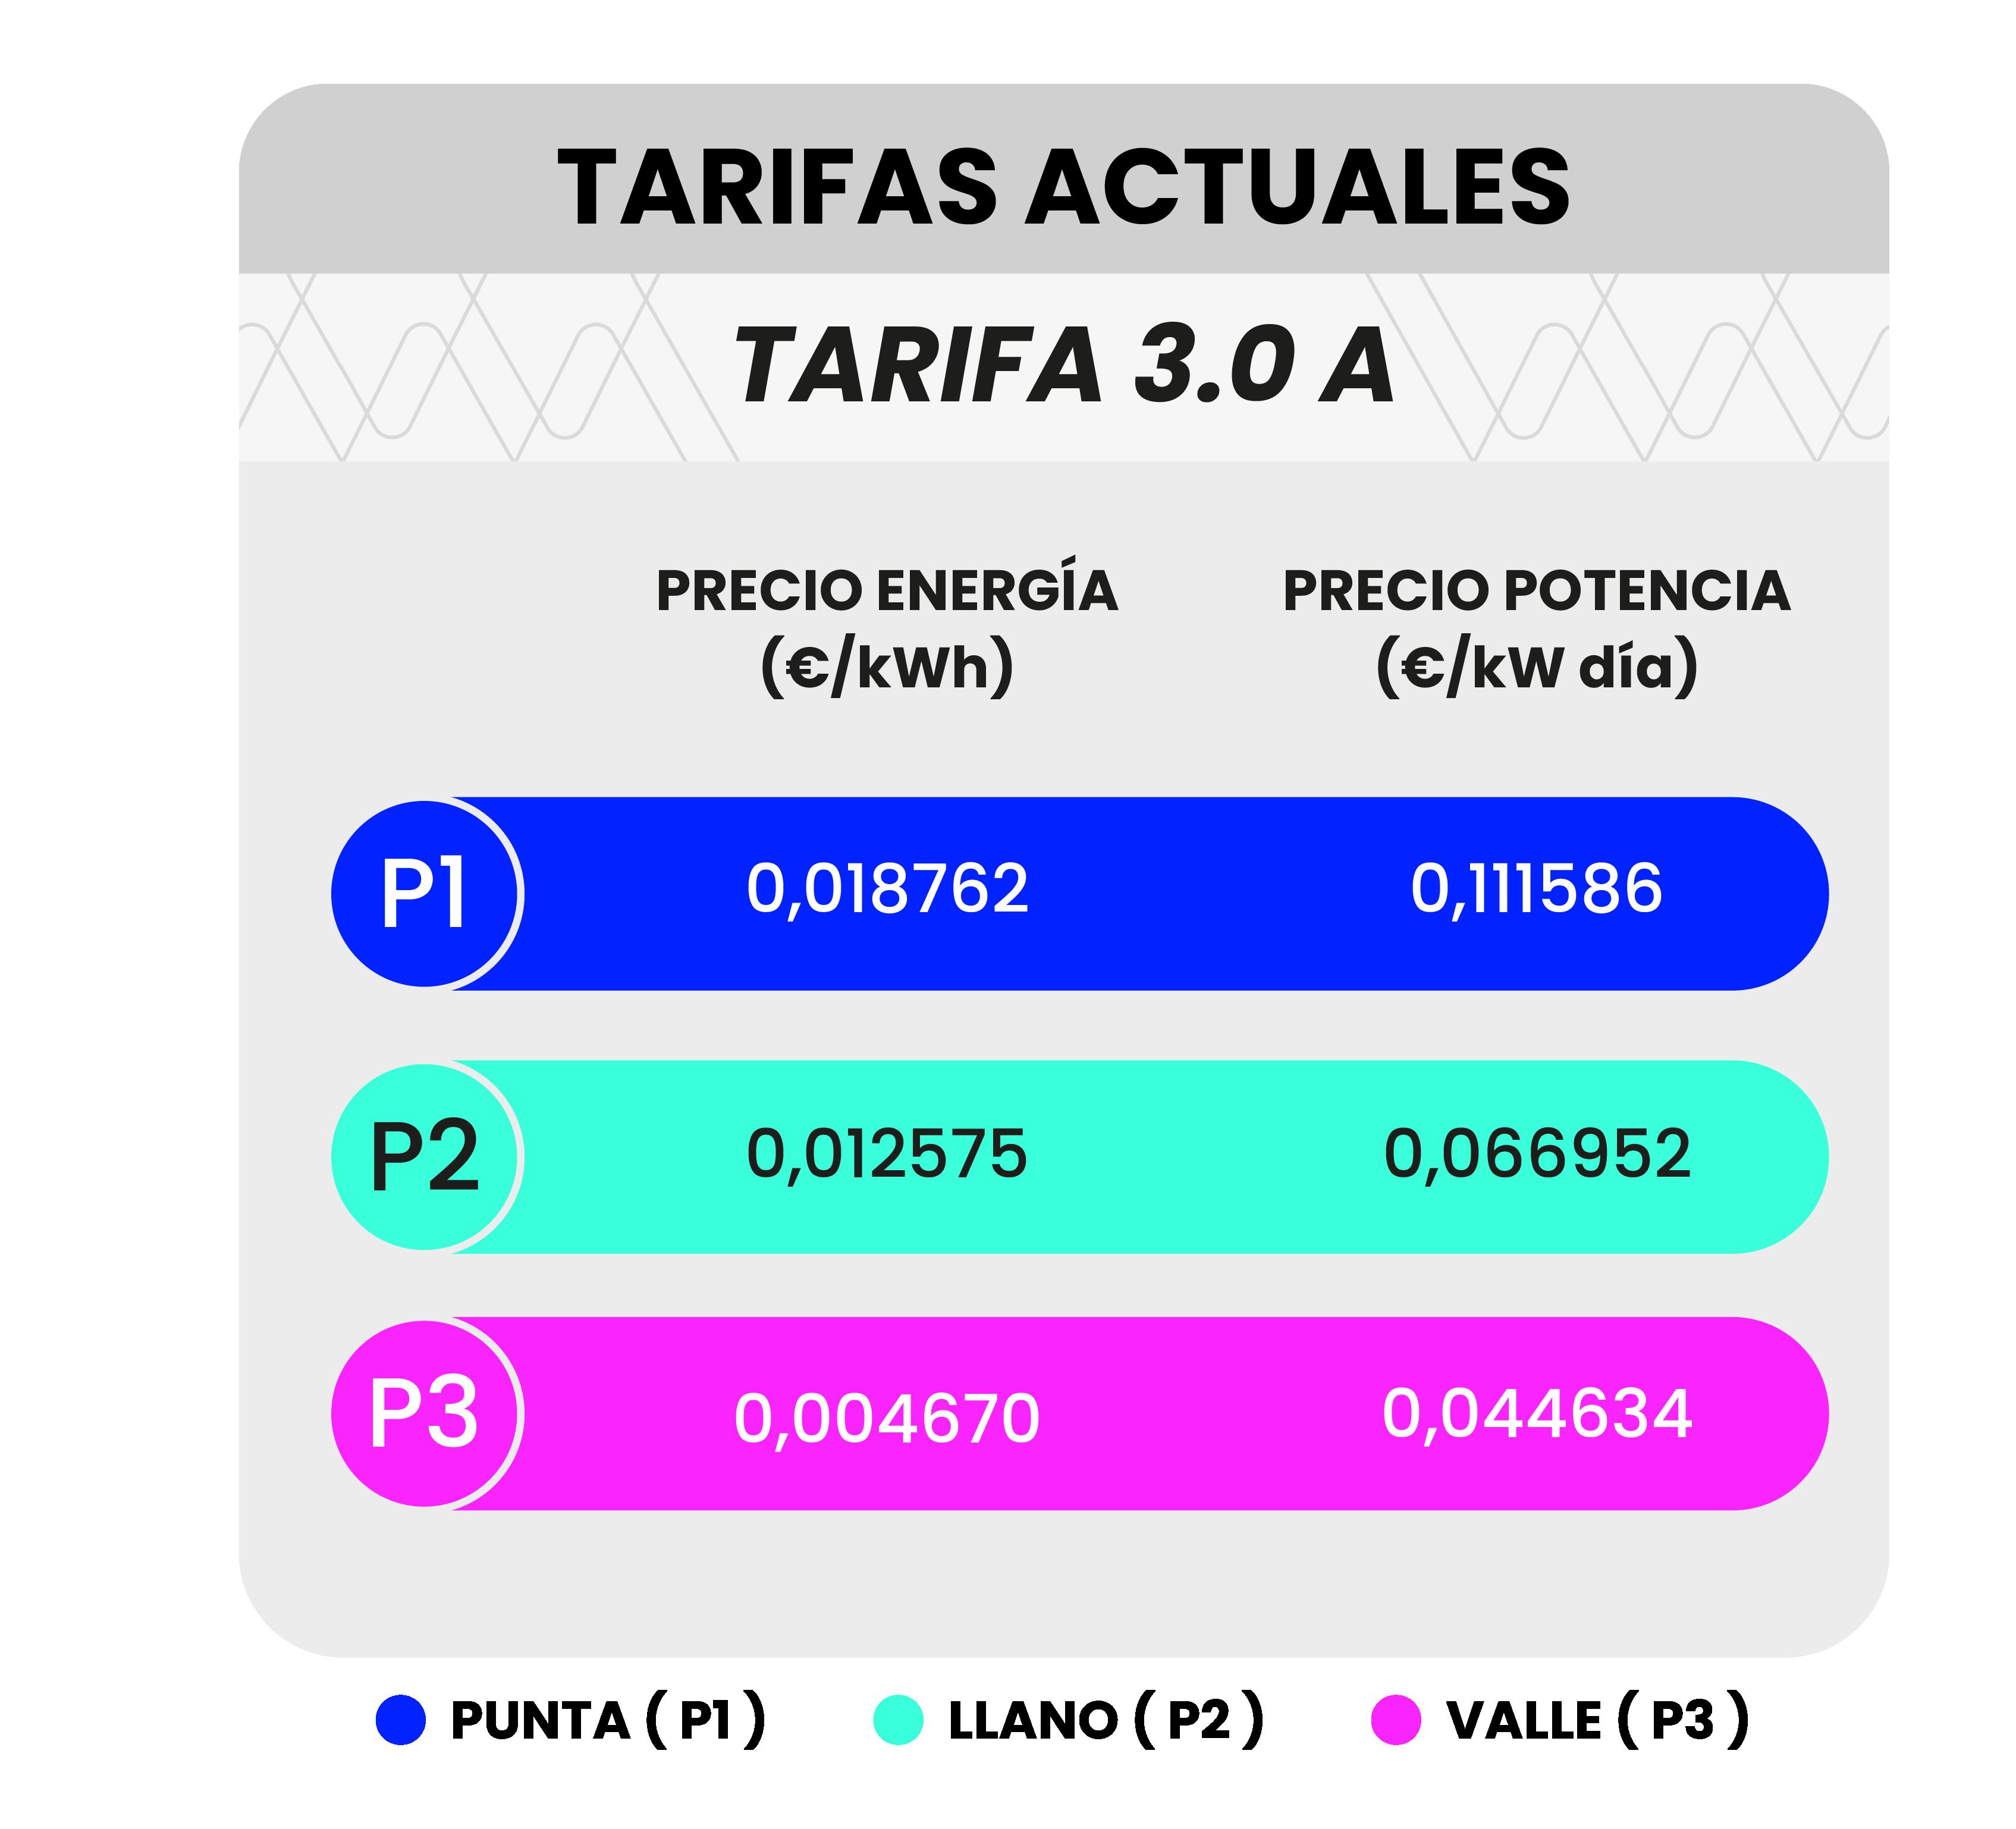 Tabla precios energía y potencia tarifa 3.0A